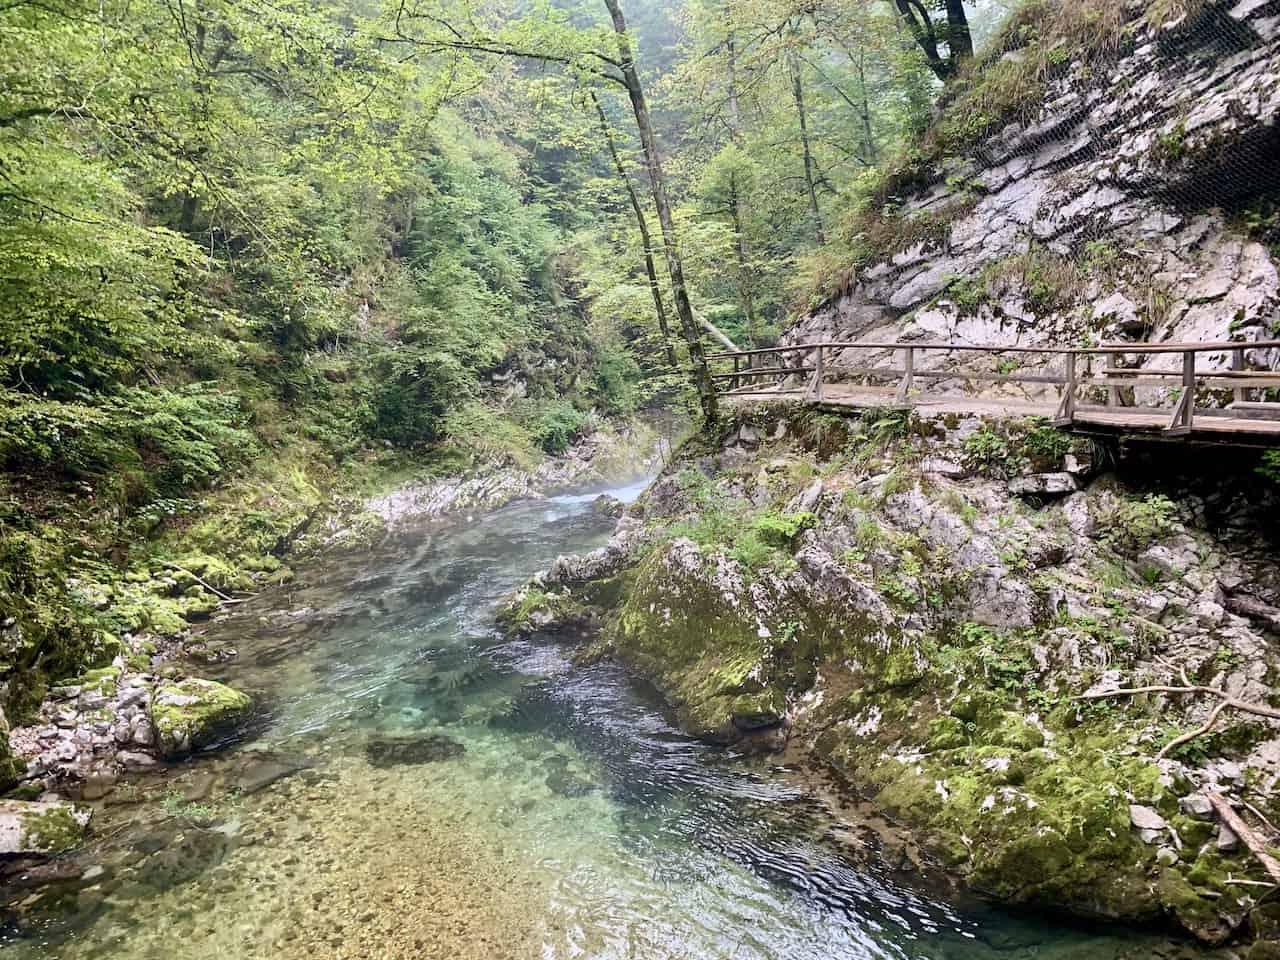 Radovna River Gorge